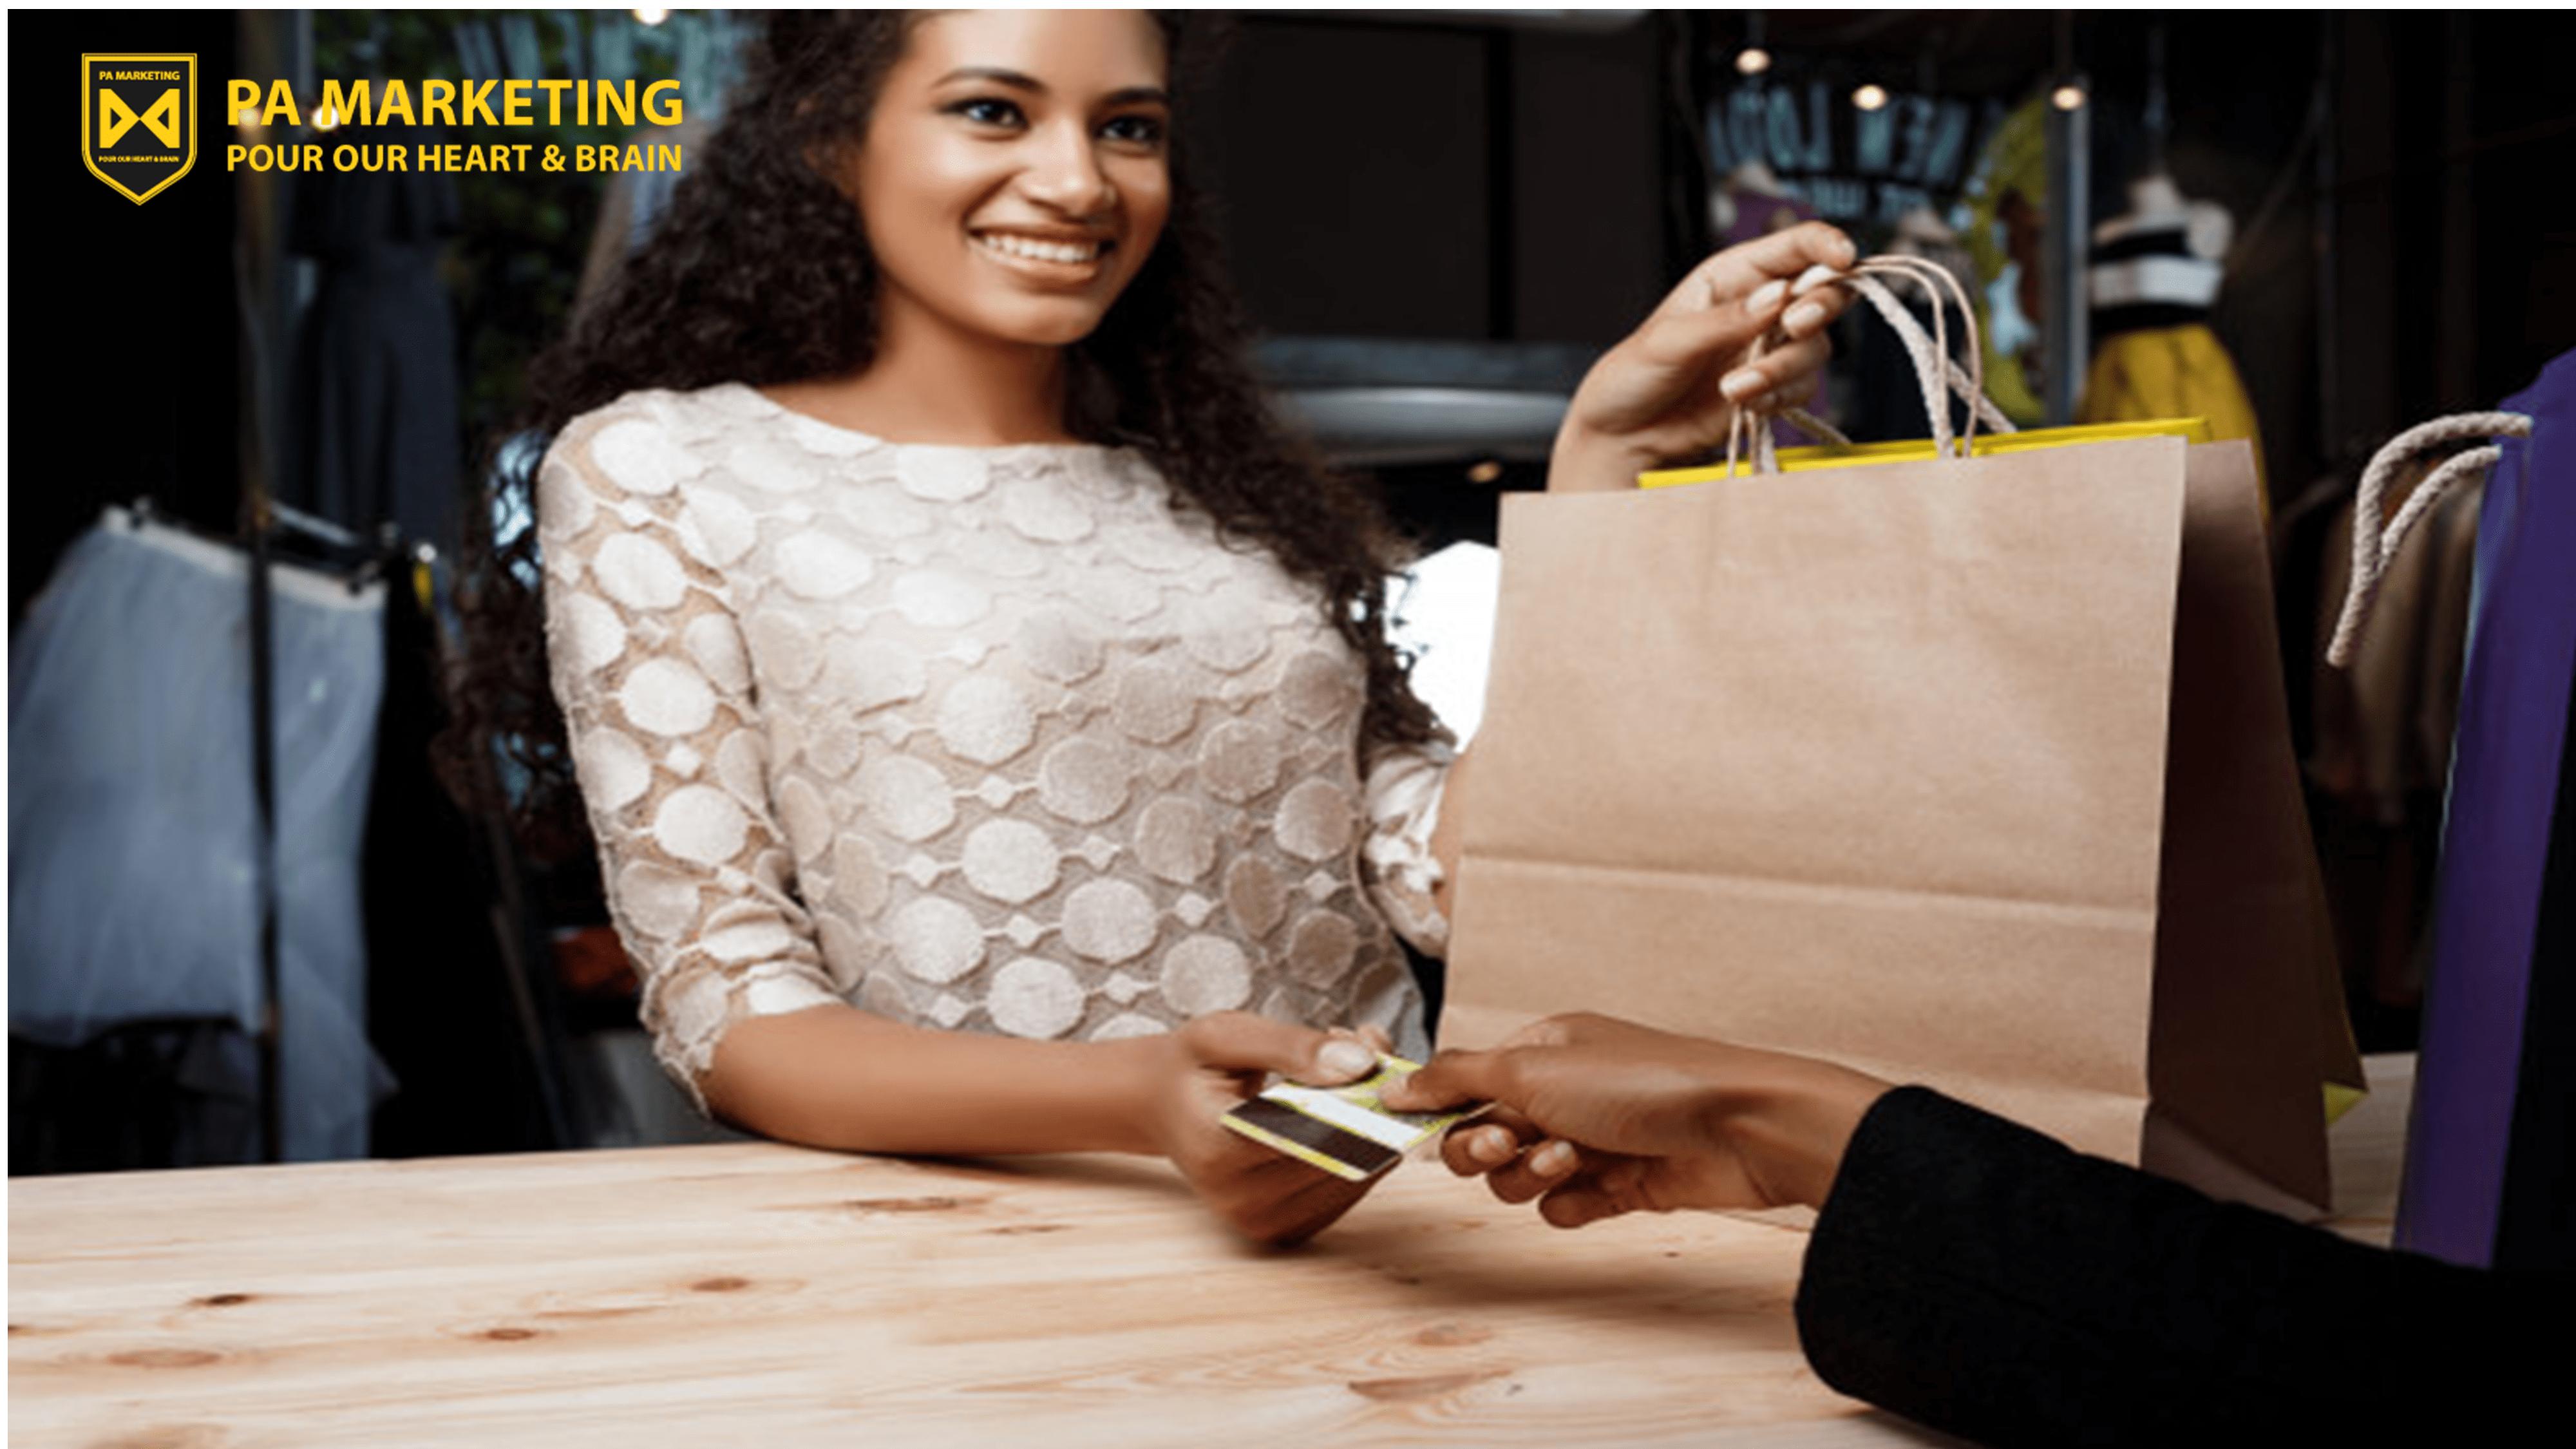 Trải ngiệm của khách hàng trong ngành làm đẹp cực kì quan trọng